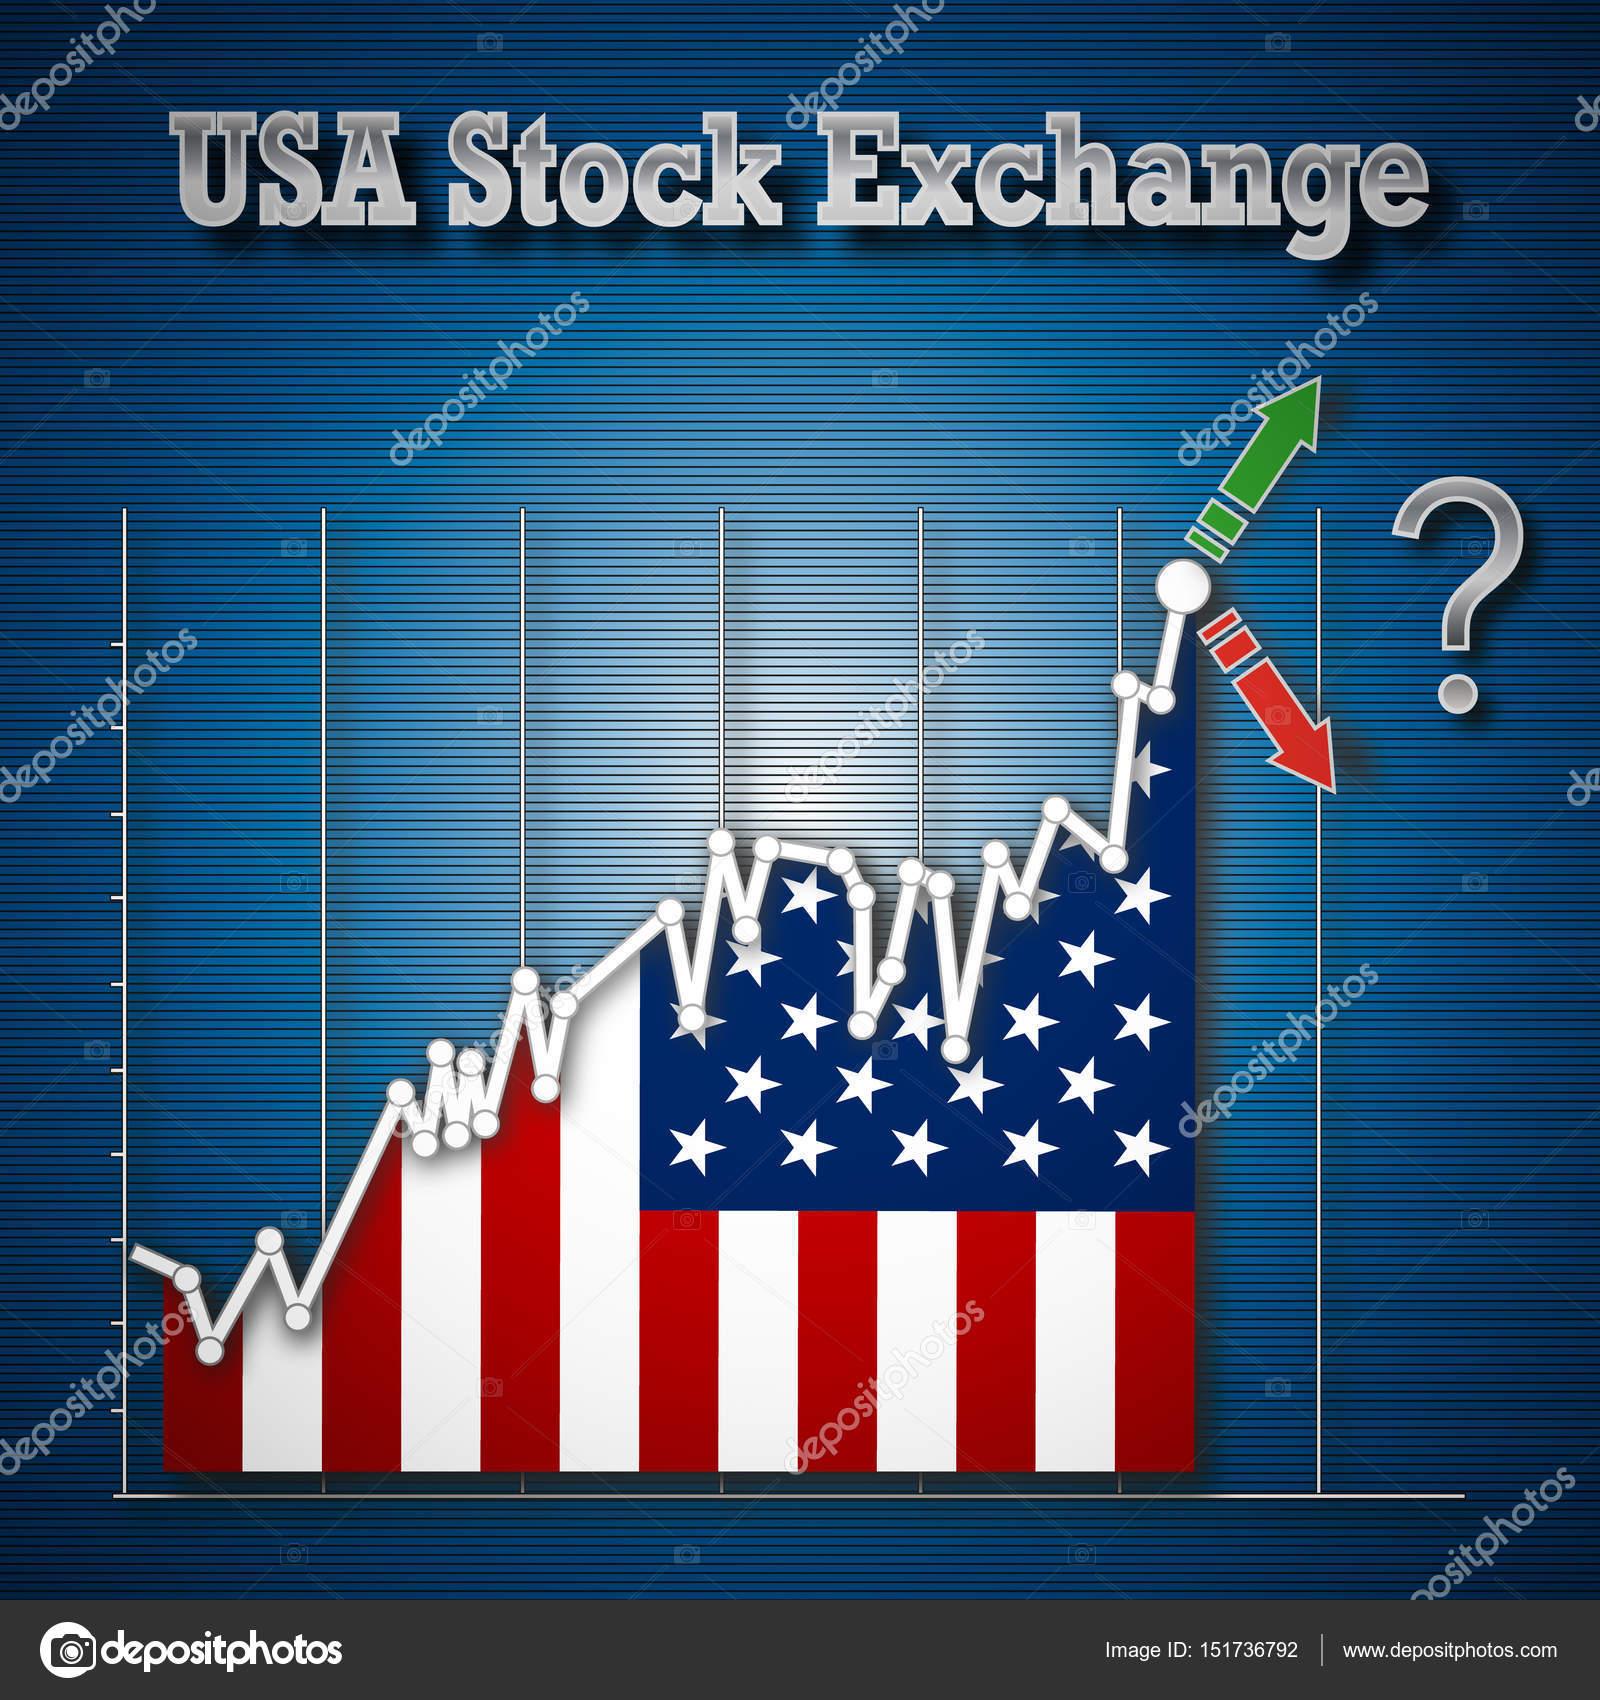 Usa Como Ilustración De — Valores Stock Bolsa Fotos nOP0w8kX